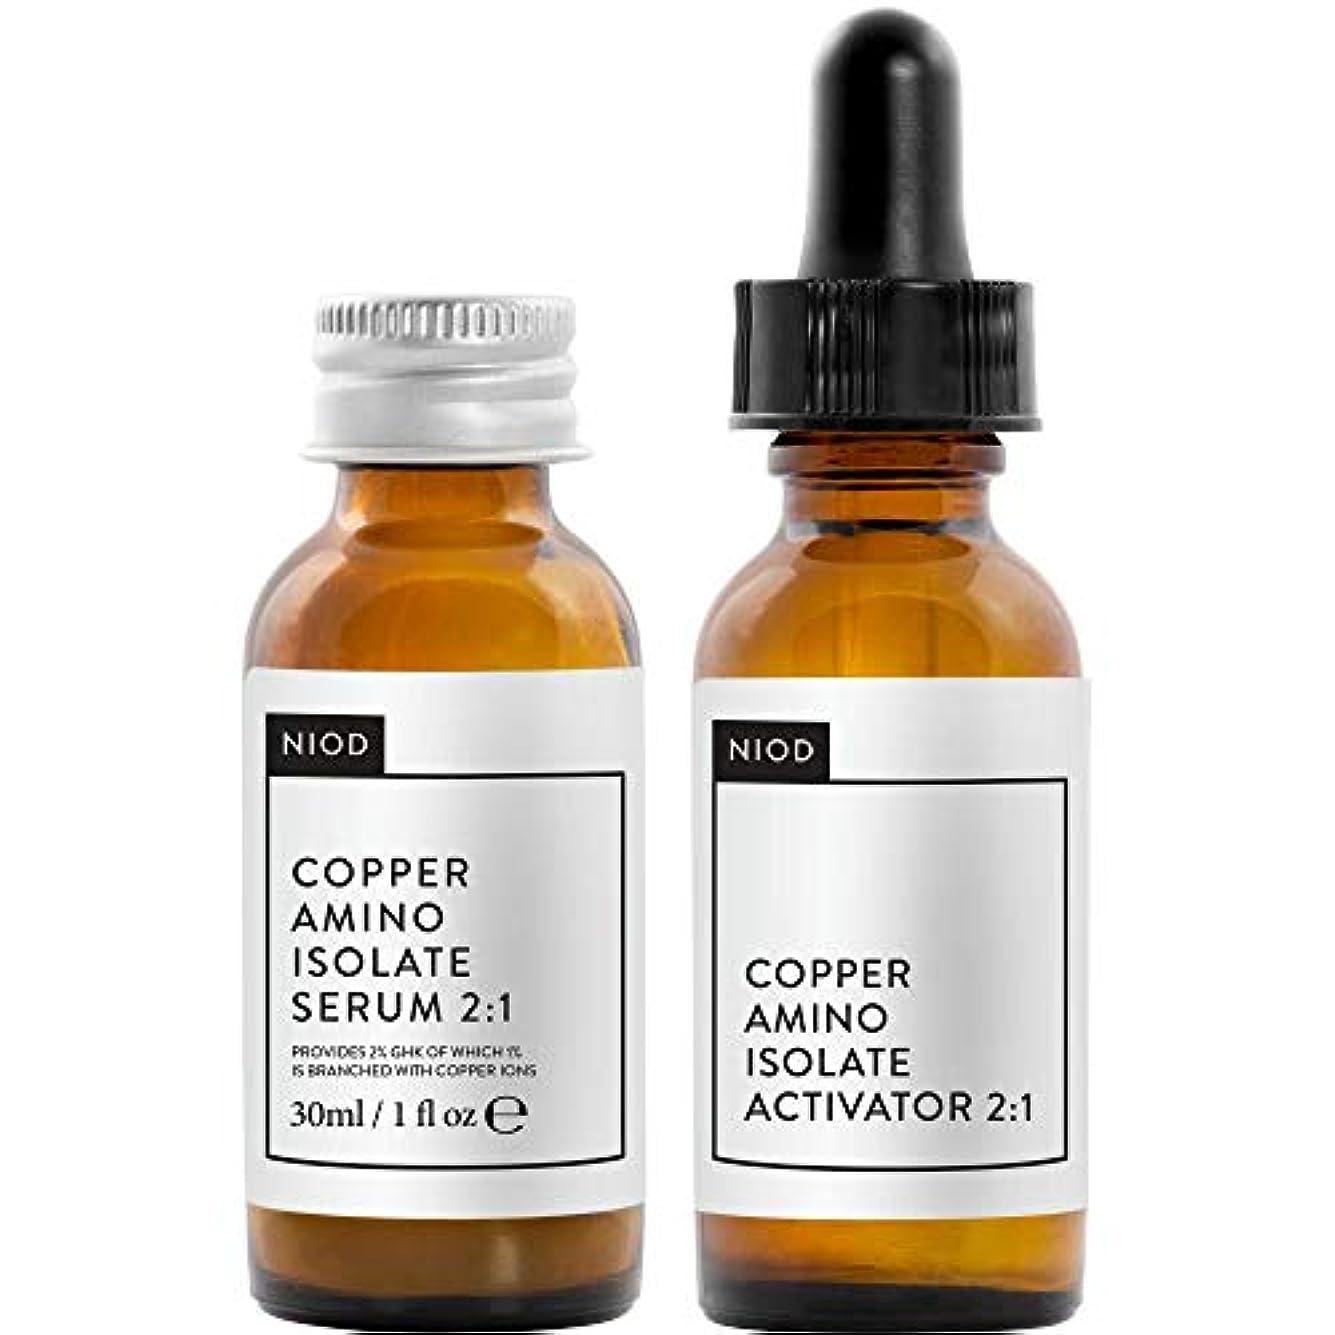 好奇心難民可動[NIOD] Niod銅アミノ分離株の血清2:1 30ミリリットル - NIOD Copper Amino Isolate Serum 2:1 30ml [並行輸入品]